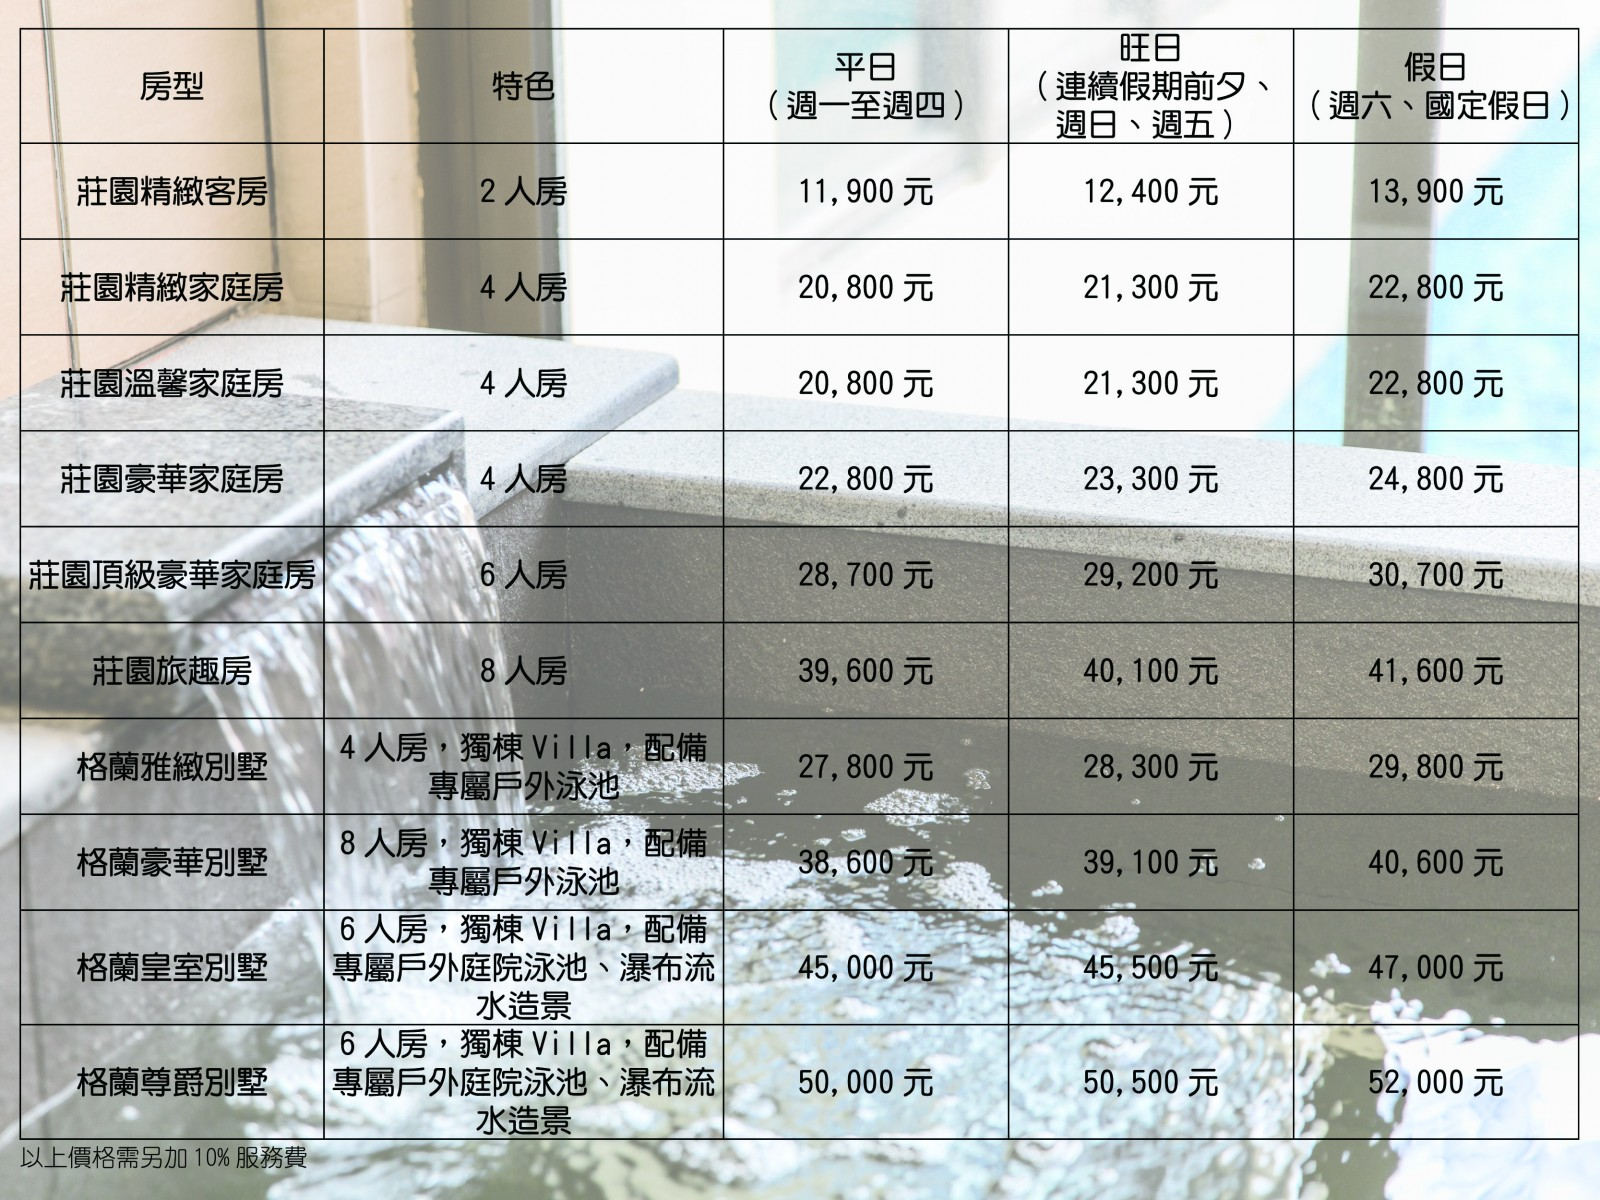 20210108 幸福瑞穗溫泉季 網美sake泡泡-住房專價價格表